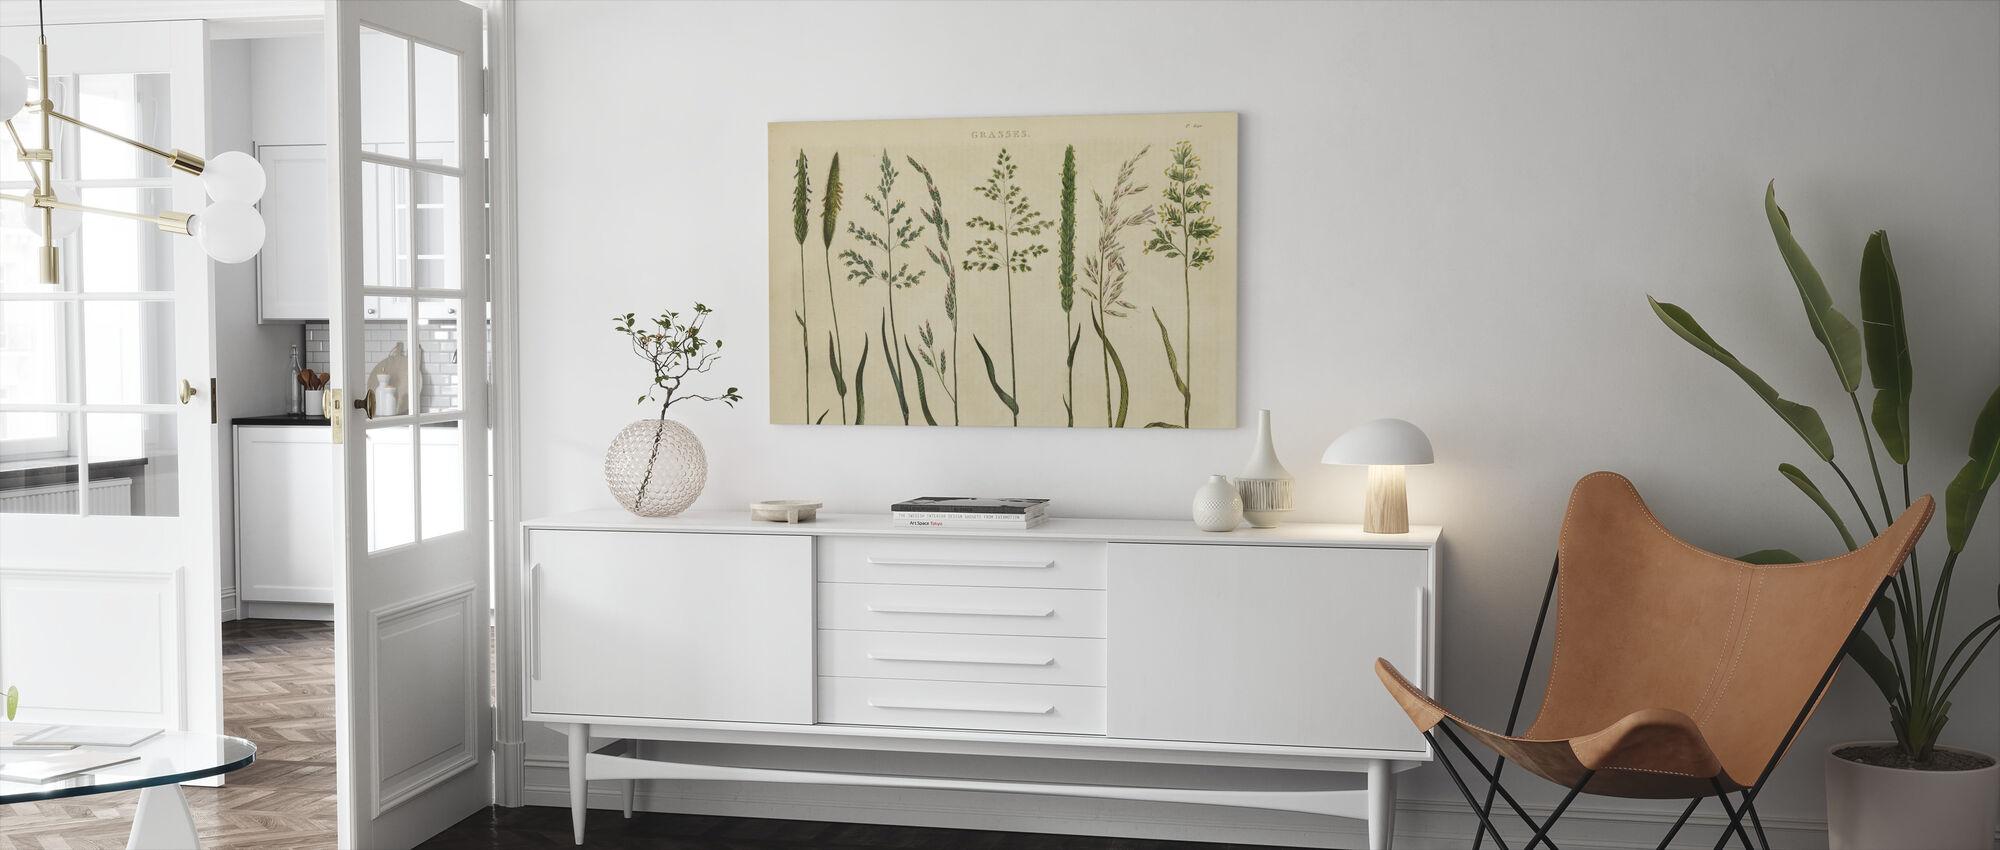 Kruidenbotanische VII - Canvas print - Woonkamer